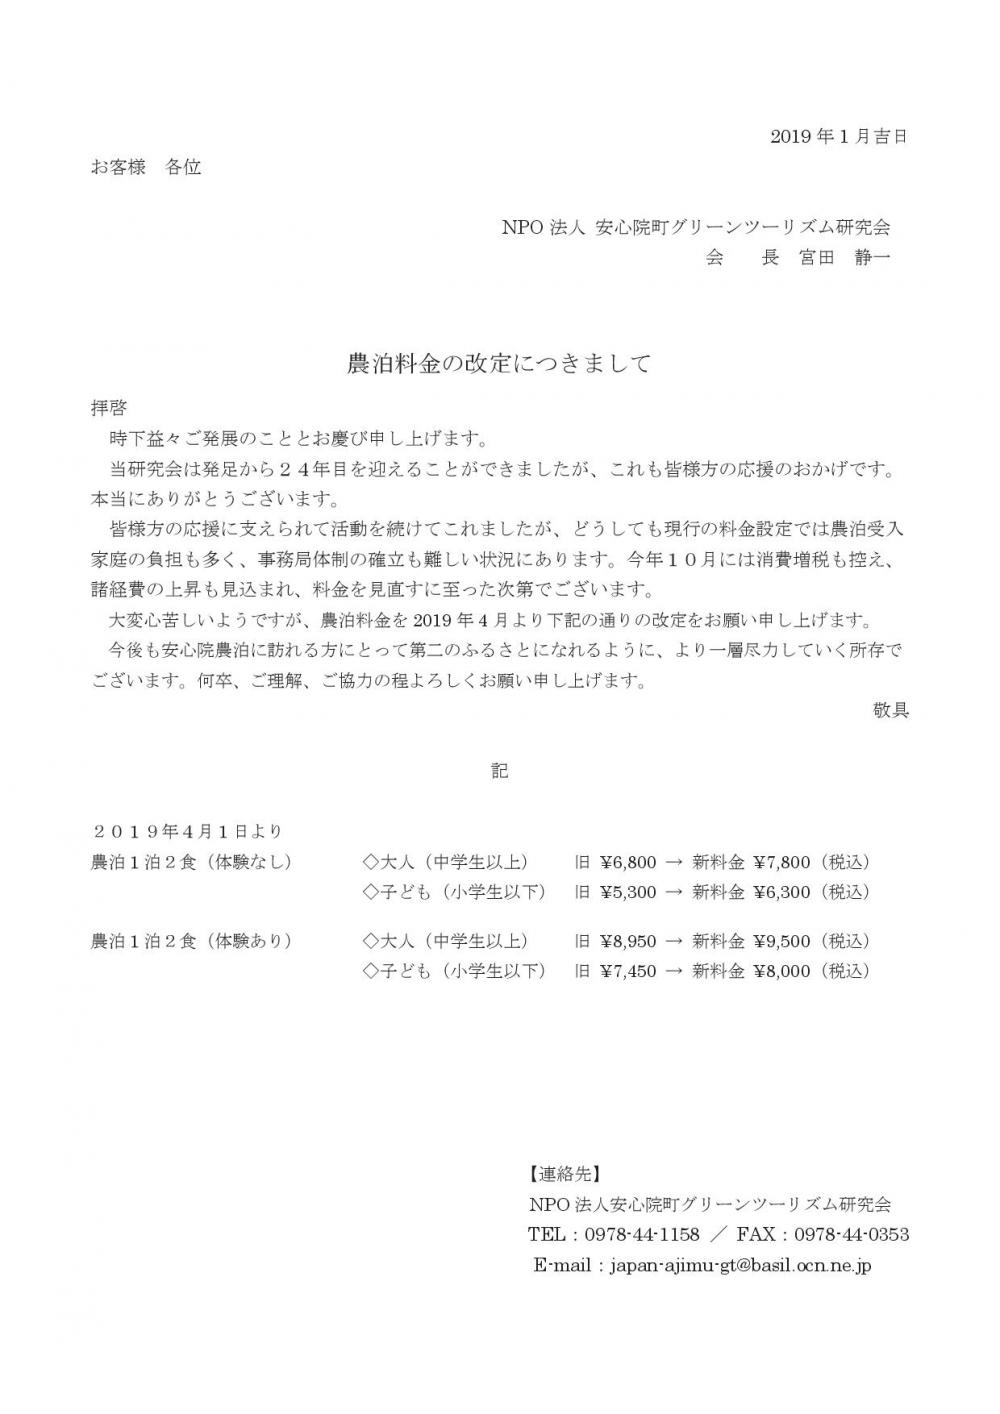 農泊料金改定(1)